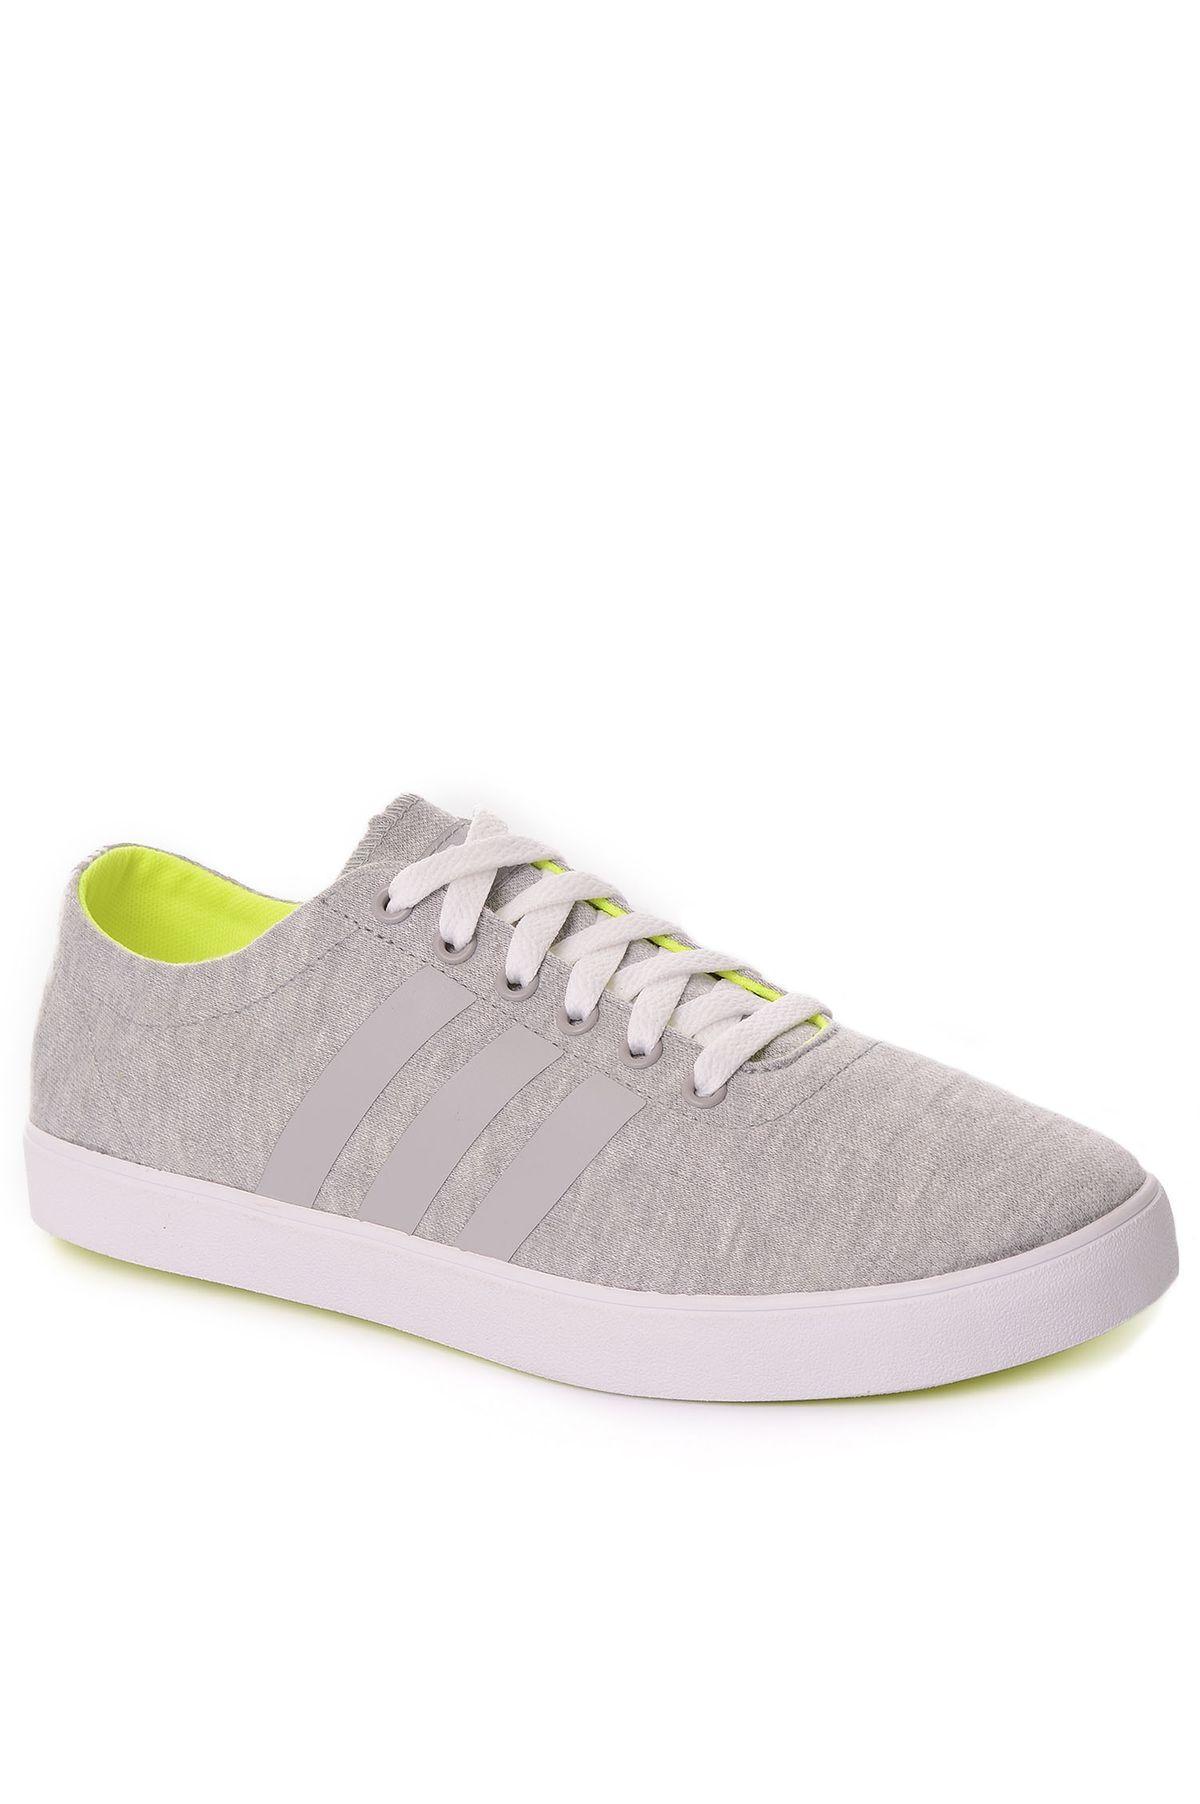 d8b2b475037 Tênis Adidas Tênis Adidas Neo Easy Vulc